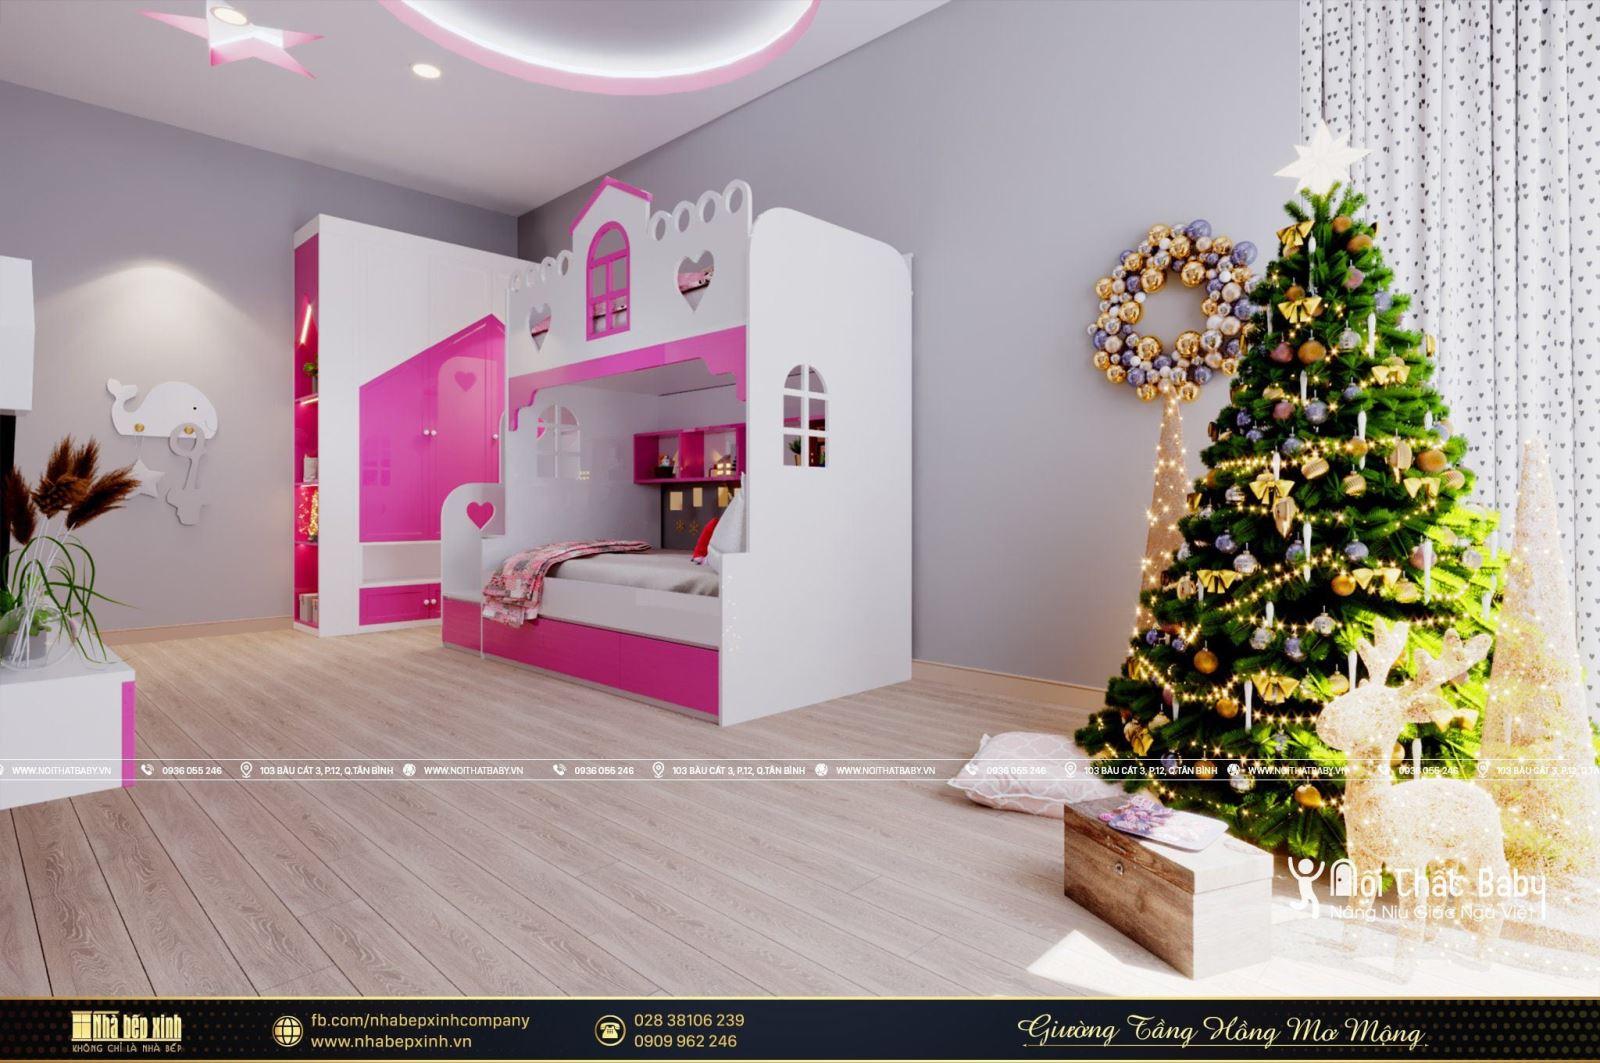 Mẫu giường tầng màu hồng mơ mộng đáng yêu cho bé gái